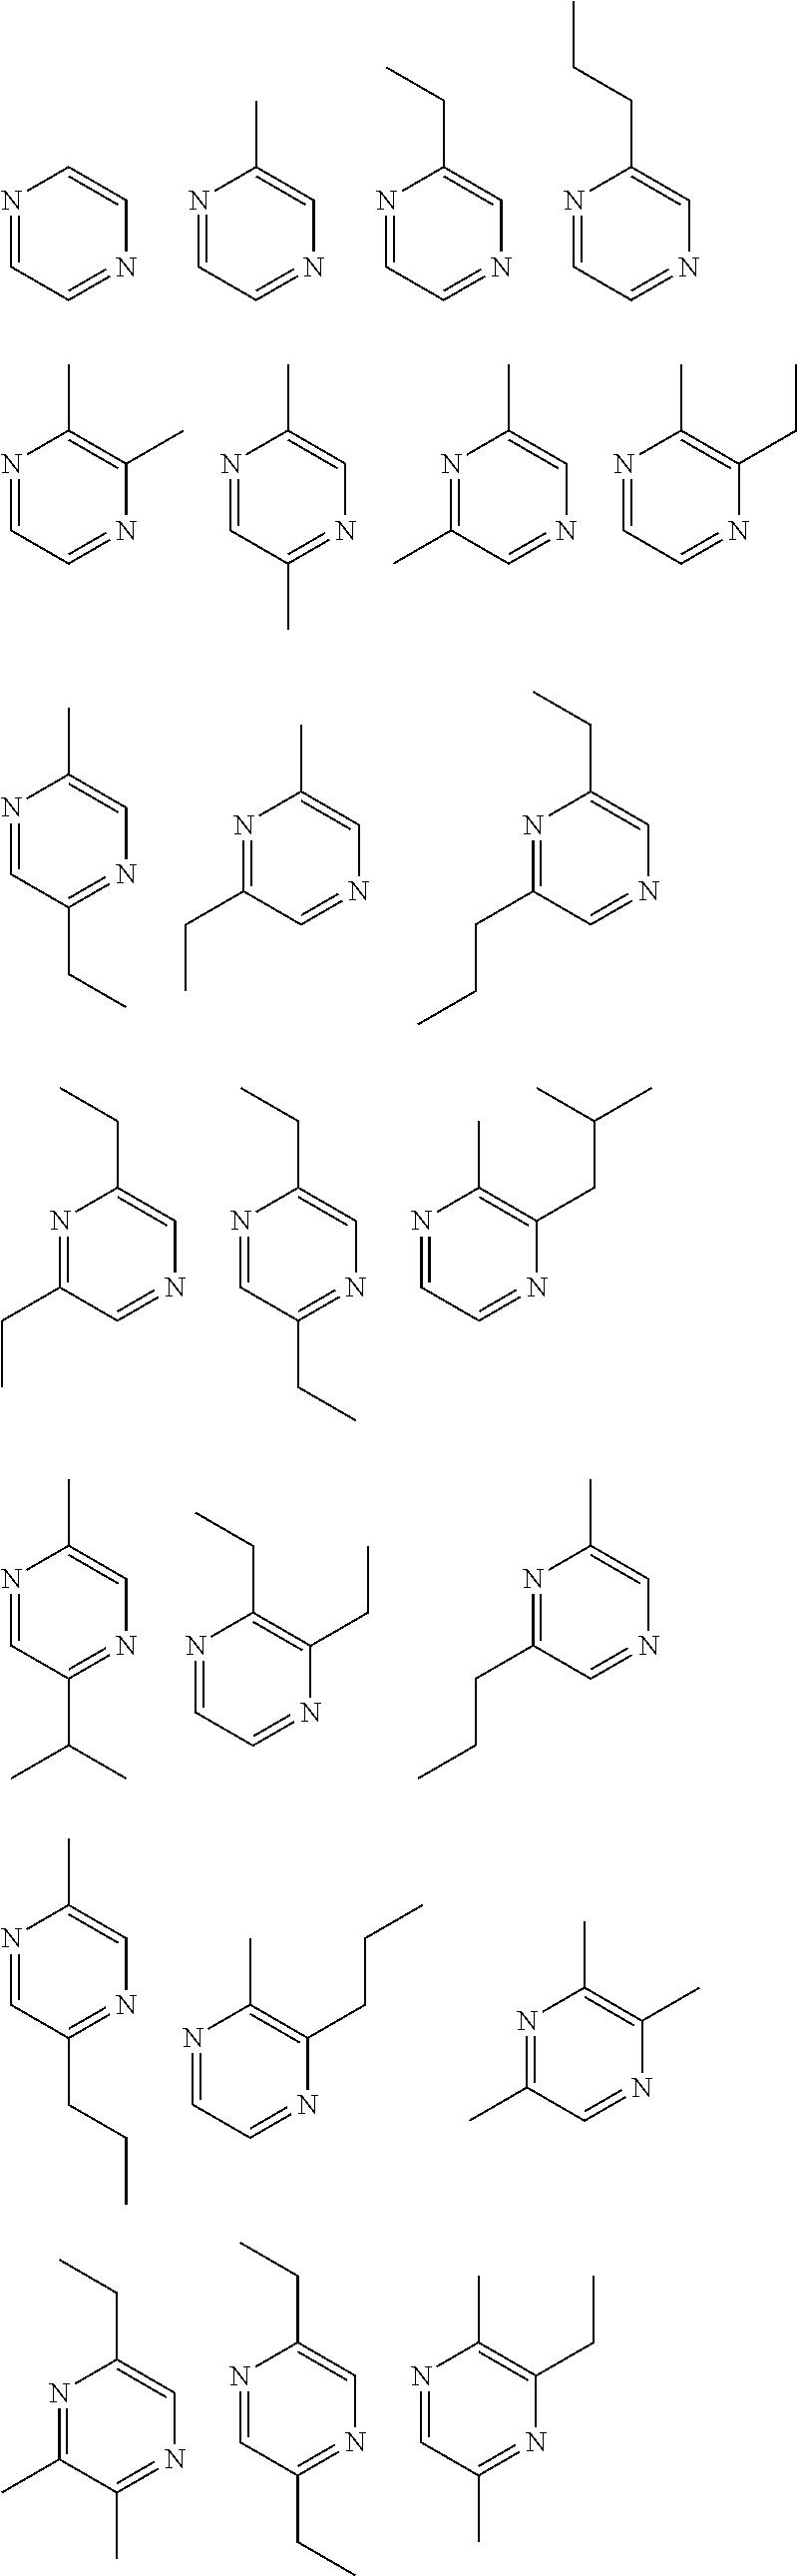 Figure US09962344-20180508-C00128